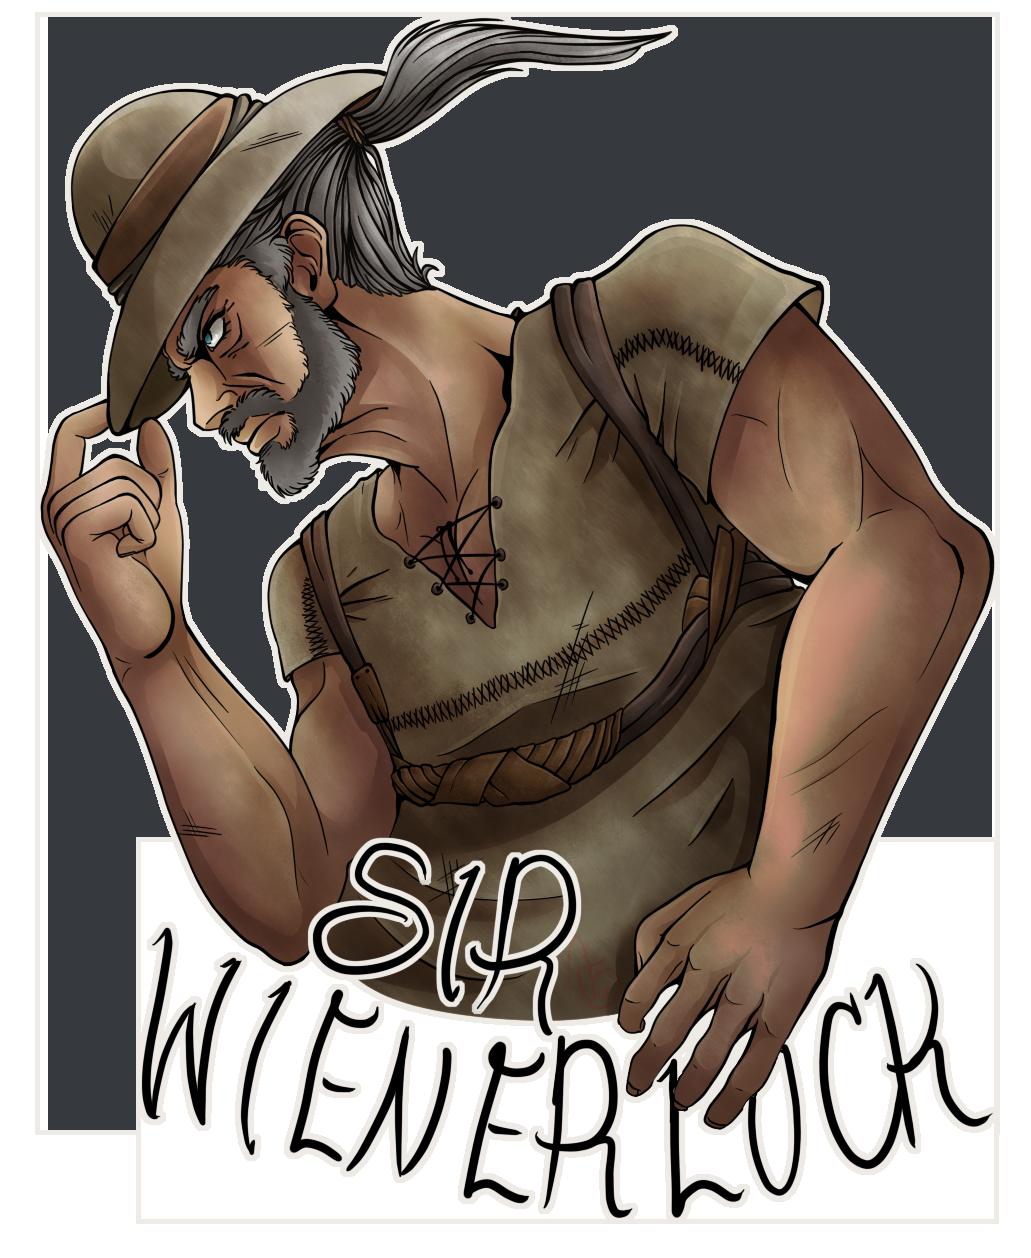 Sir Wienerlock by    Kaigsly